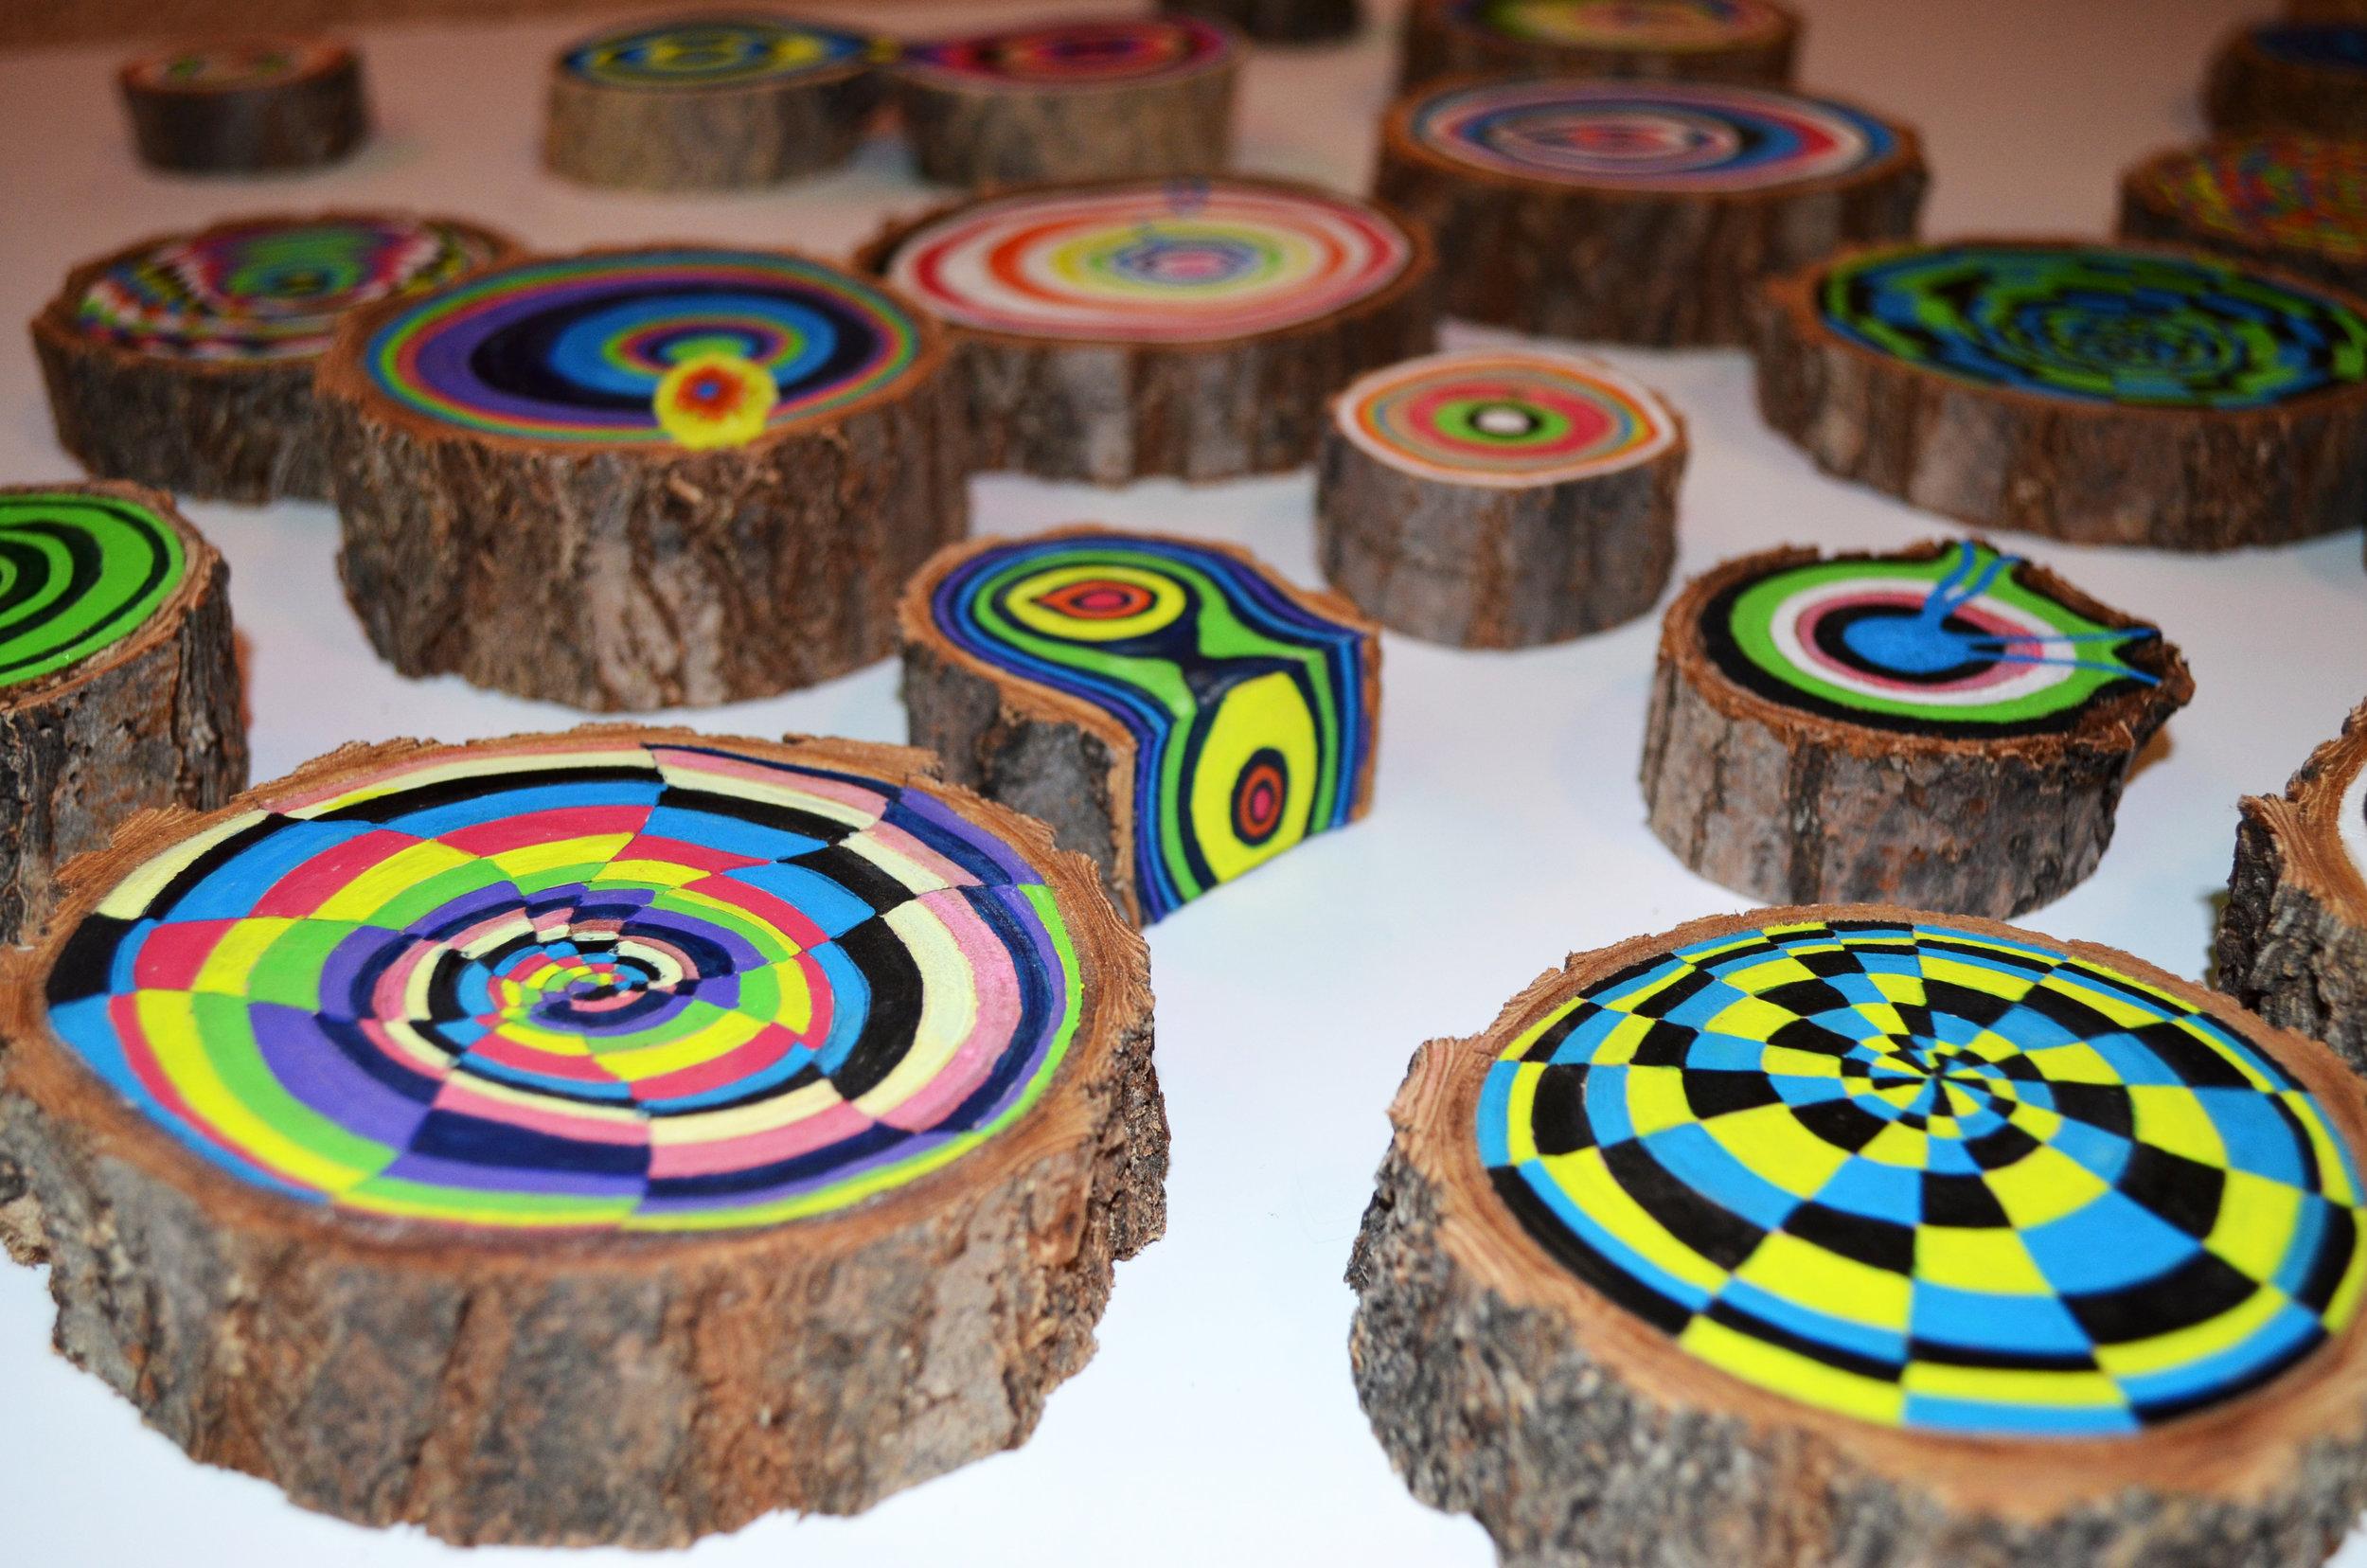 Treeodes